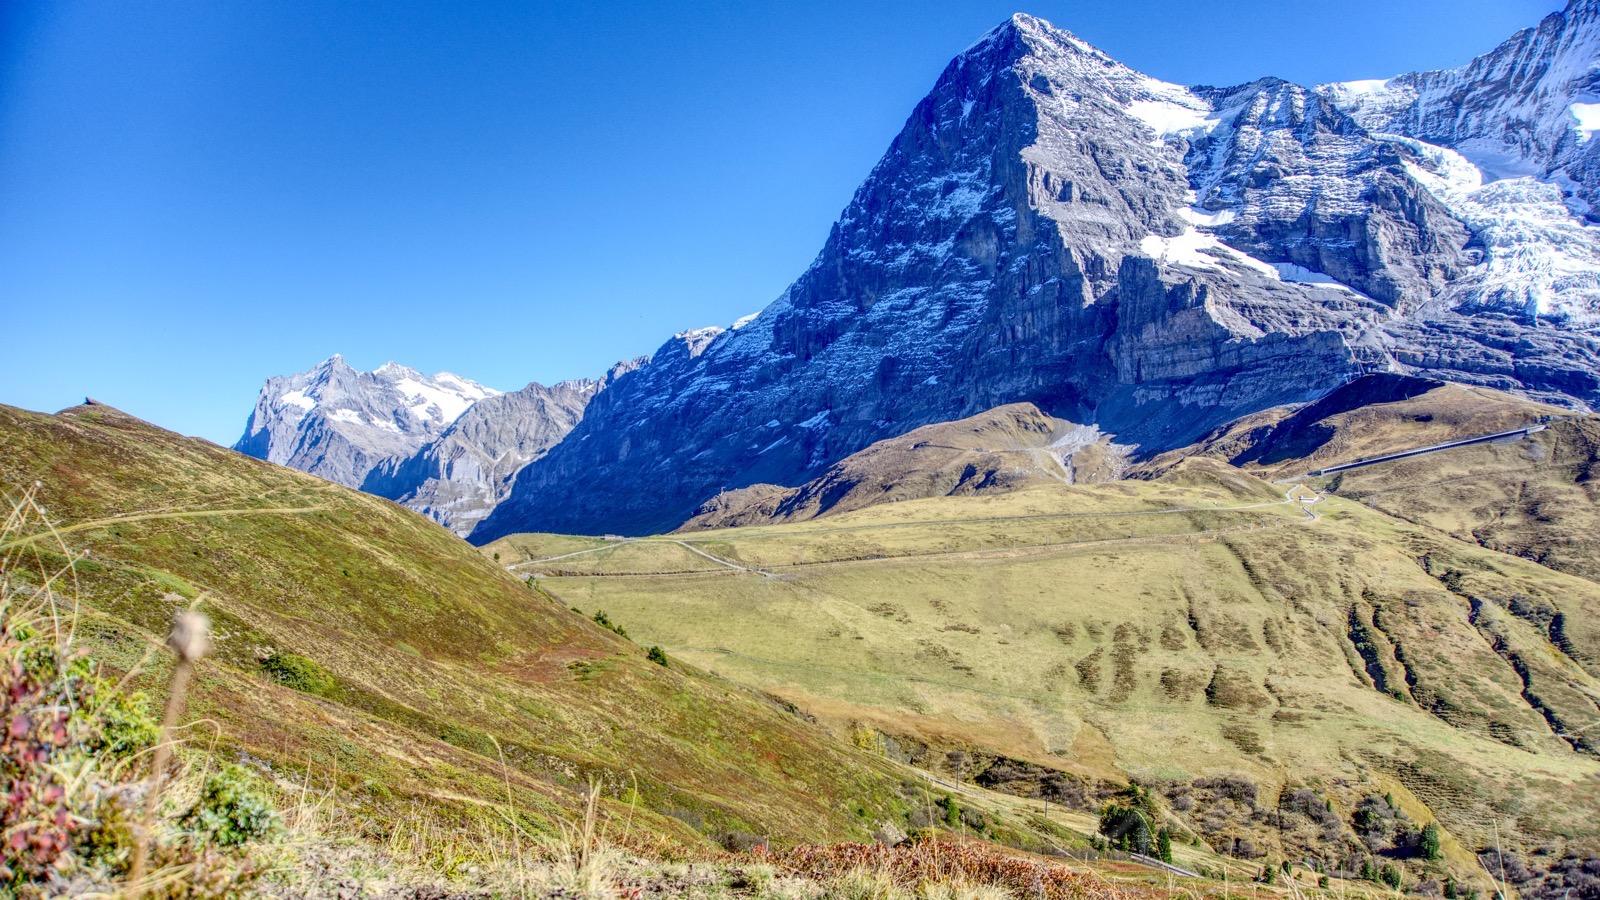 Der Eiger mit seiner imposanten Nordwand.